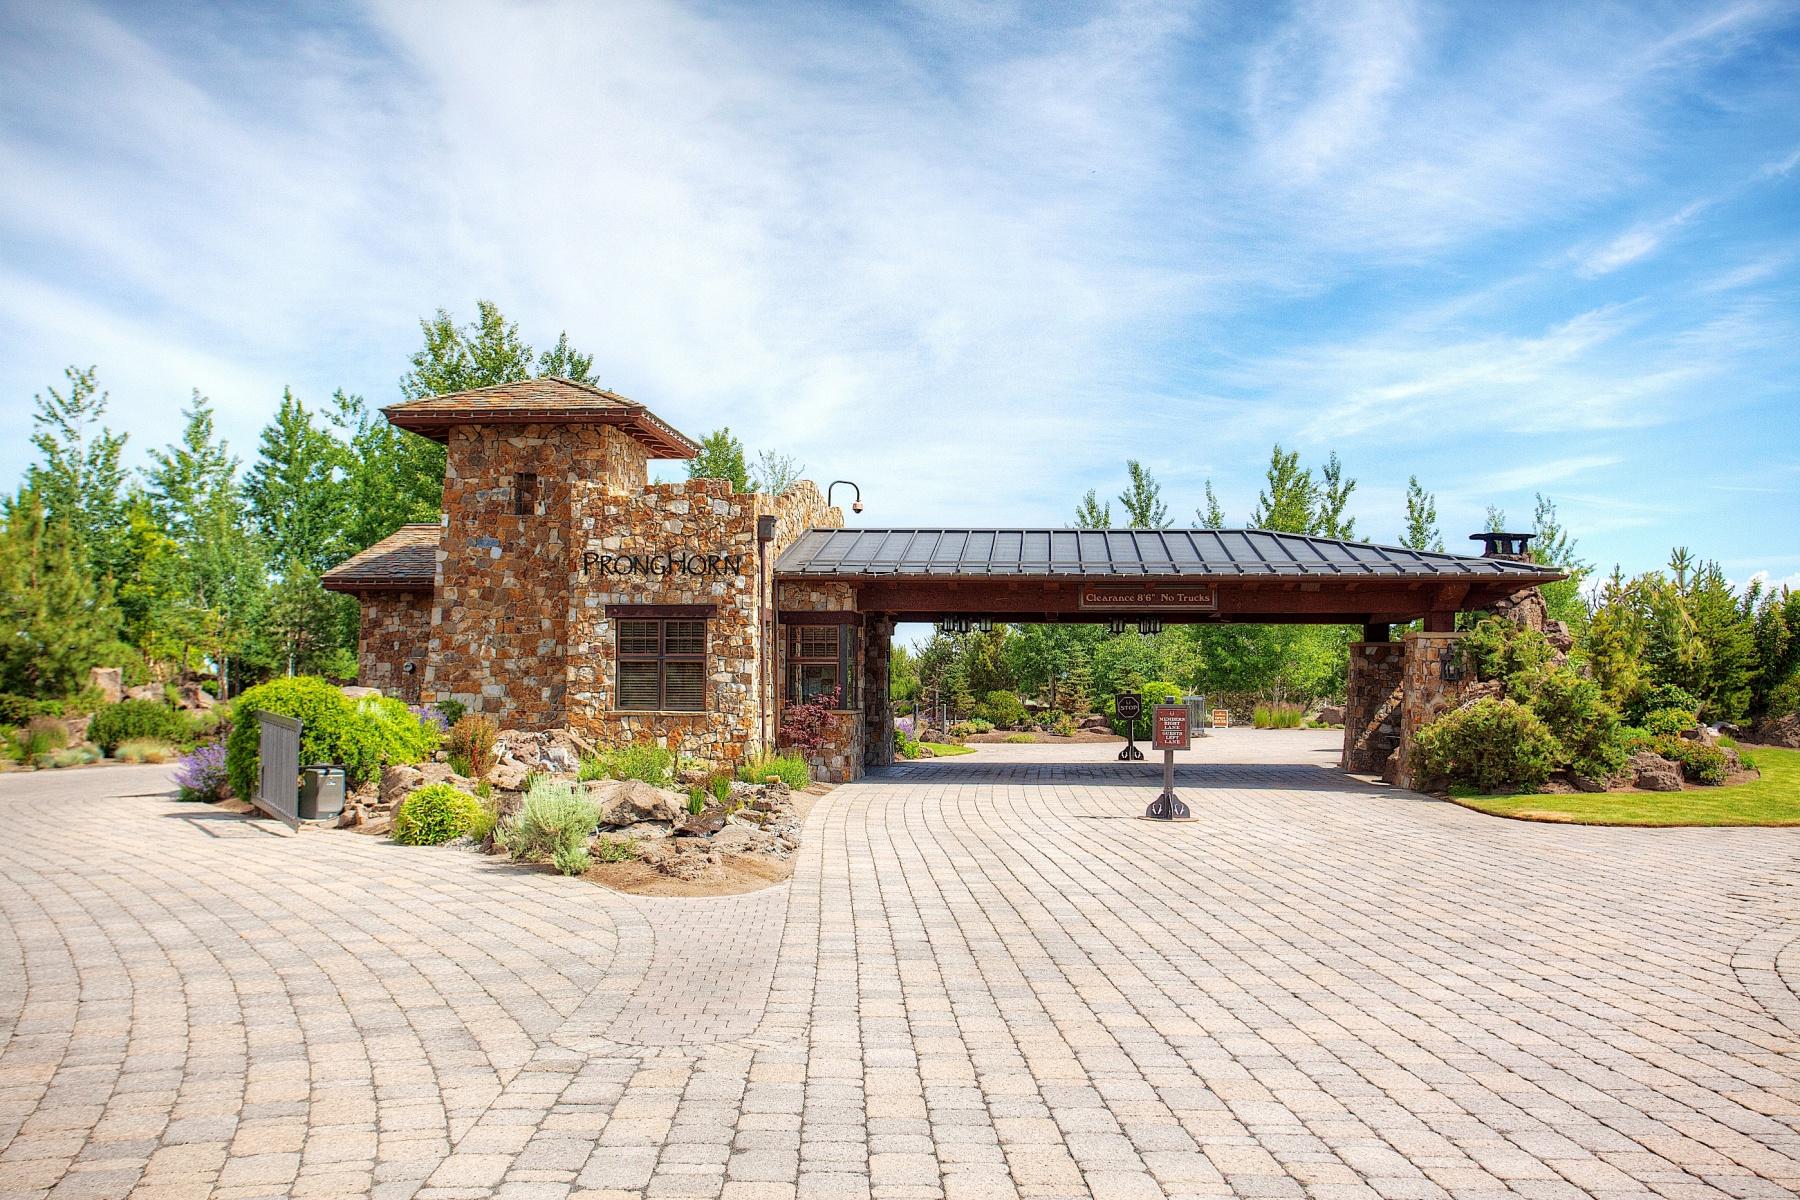 Đất đai vì Bán tại 66445 Pronghorn Estates Drive, BEND Bend, Oregon 97701 Hoa Kỳ